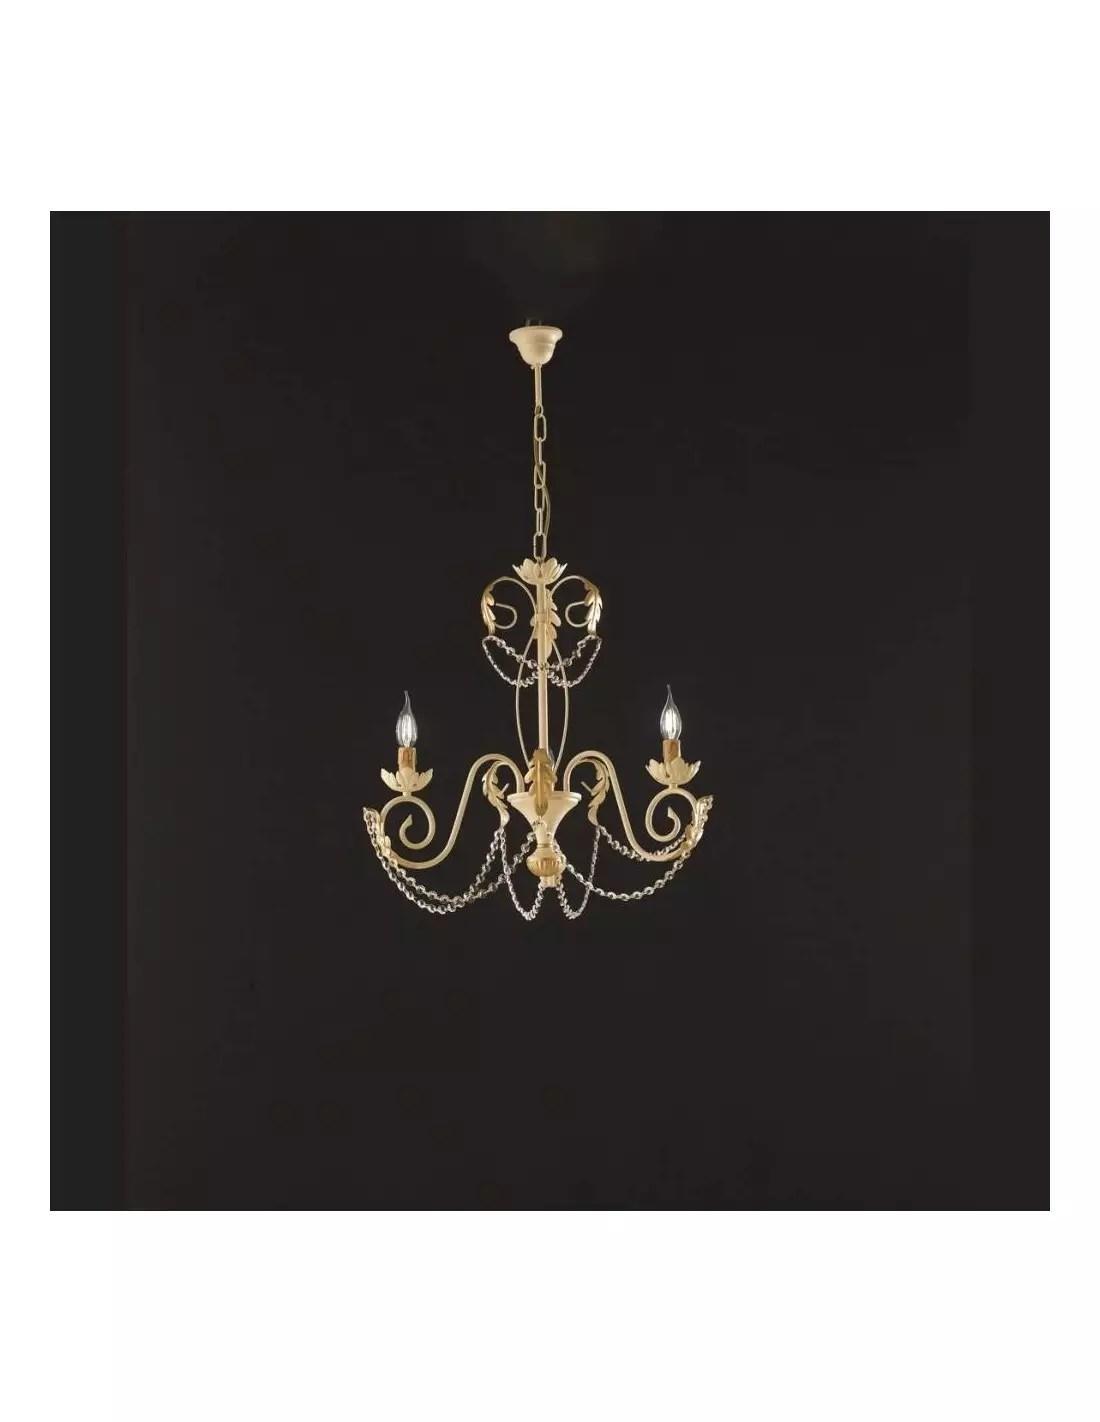 Primavera è un lampadario in metallo decorato a mano e diffusori in vetro, disponibile in 2 modelli: Lampadario A Sospensione In Ferro Battuto Avorio Oro 3 Punti Luce Damasco Bonetti